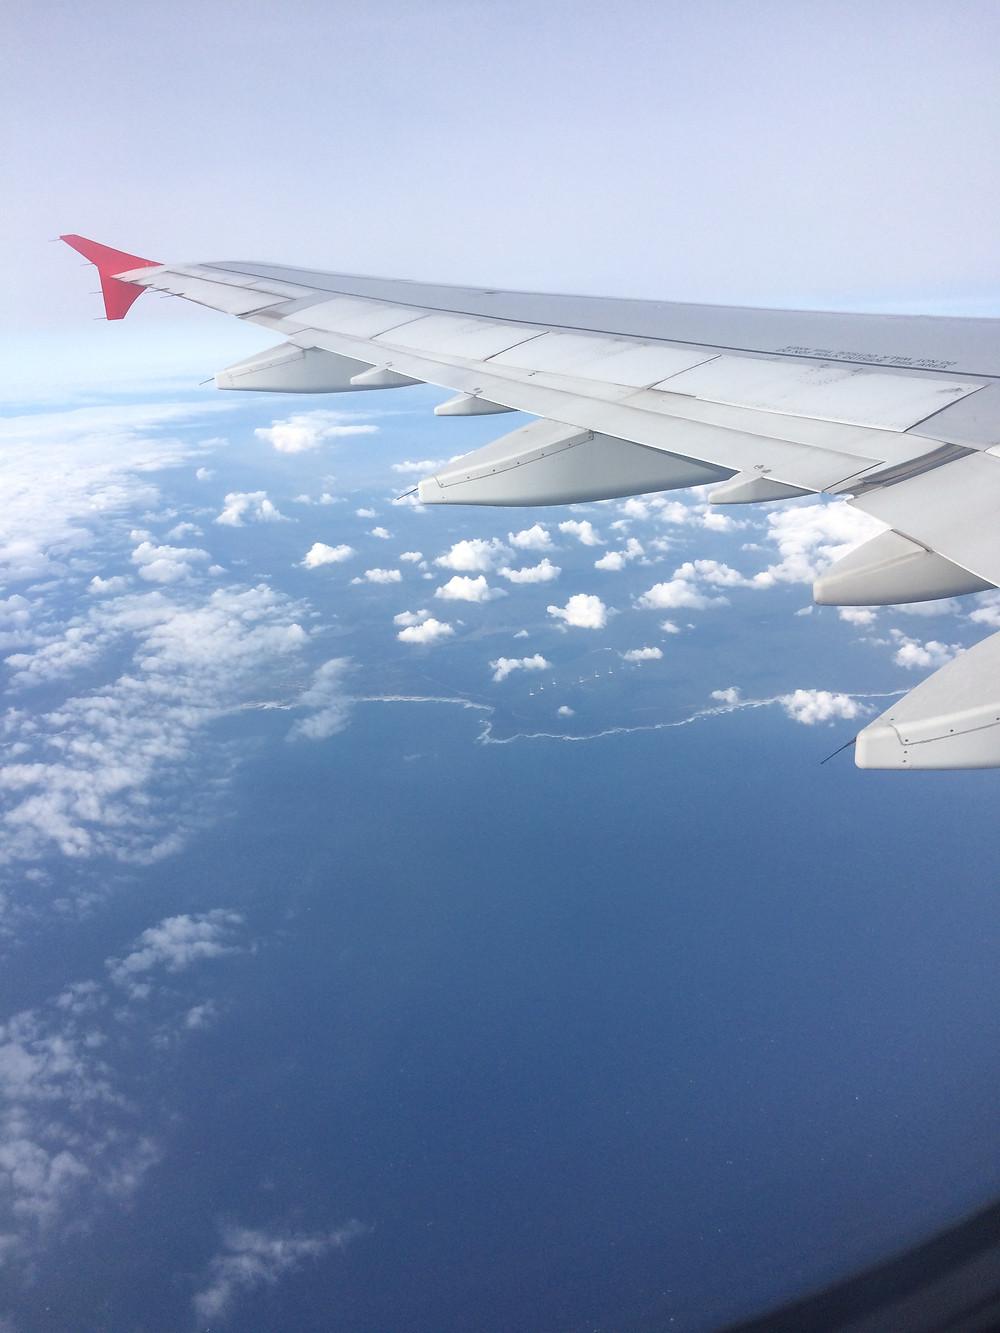 To Sweden - Airplane, 2mi3